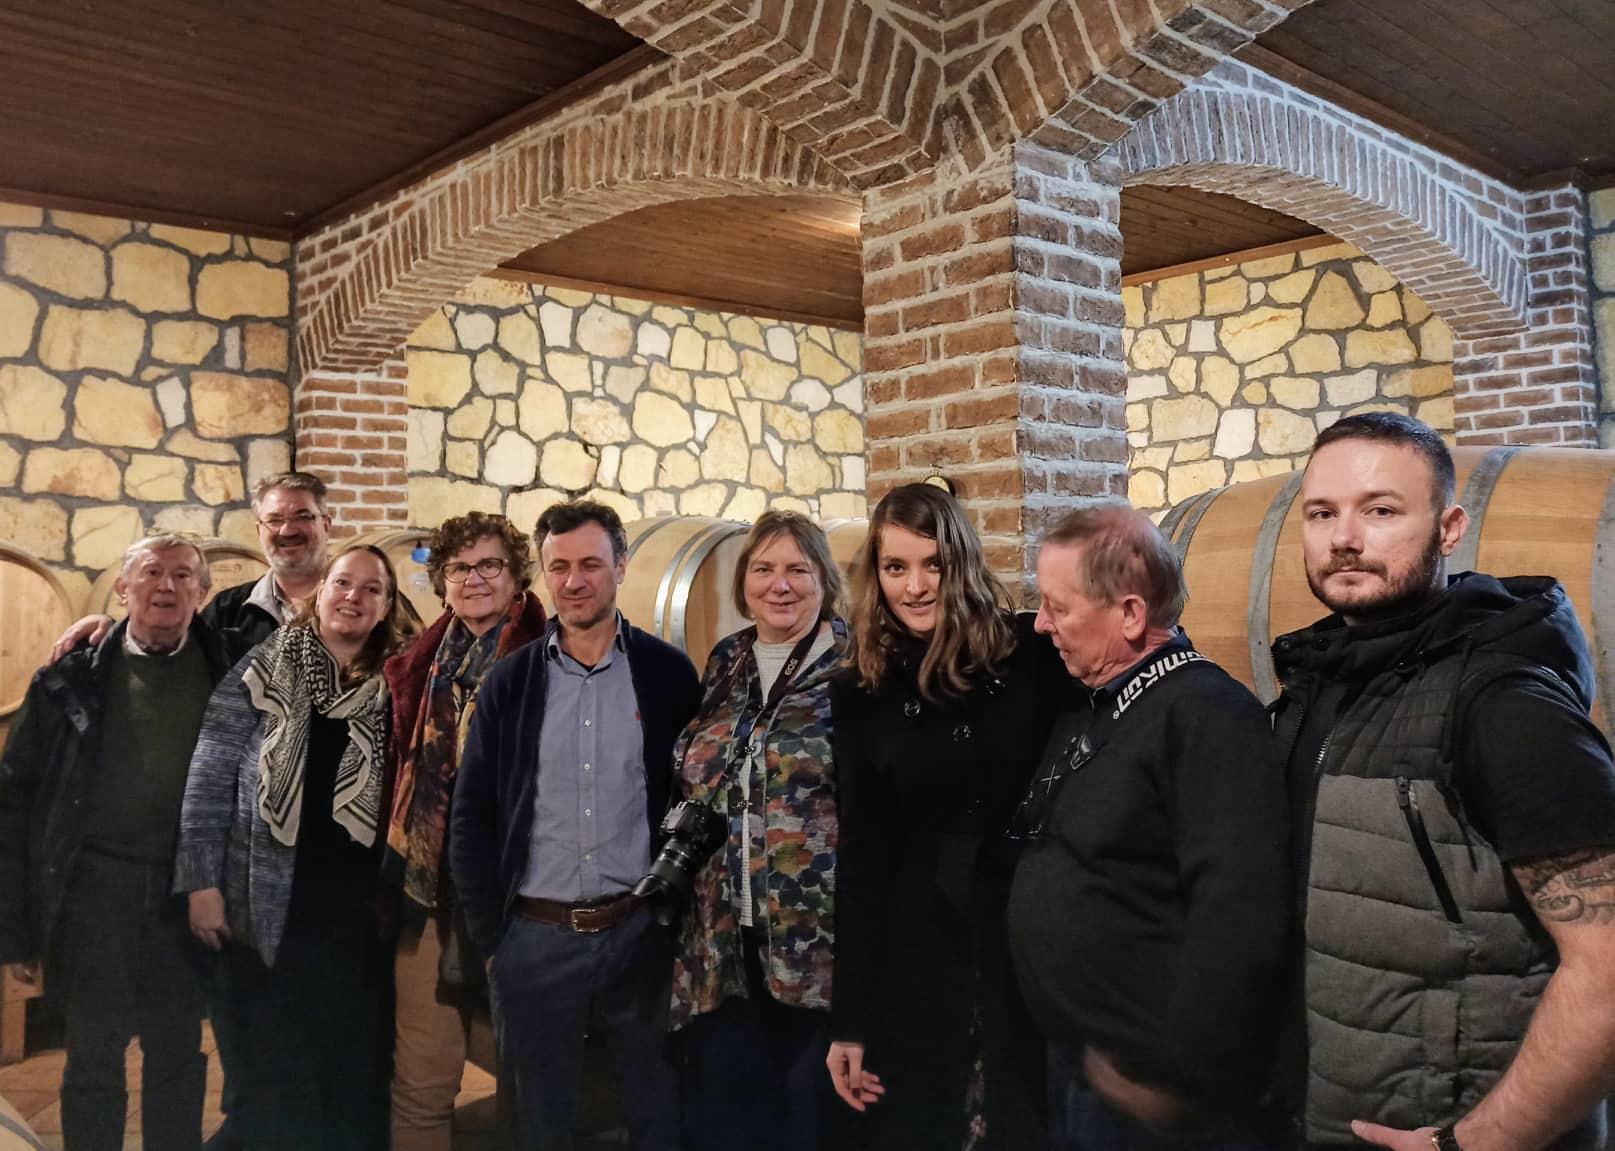 Επίσκεψη Ολλανδών & Βέλγων πρακτόρων και δημοσιογράφων στην Πιερία για την ανάδειξη των τοπικών οίνων